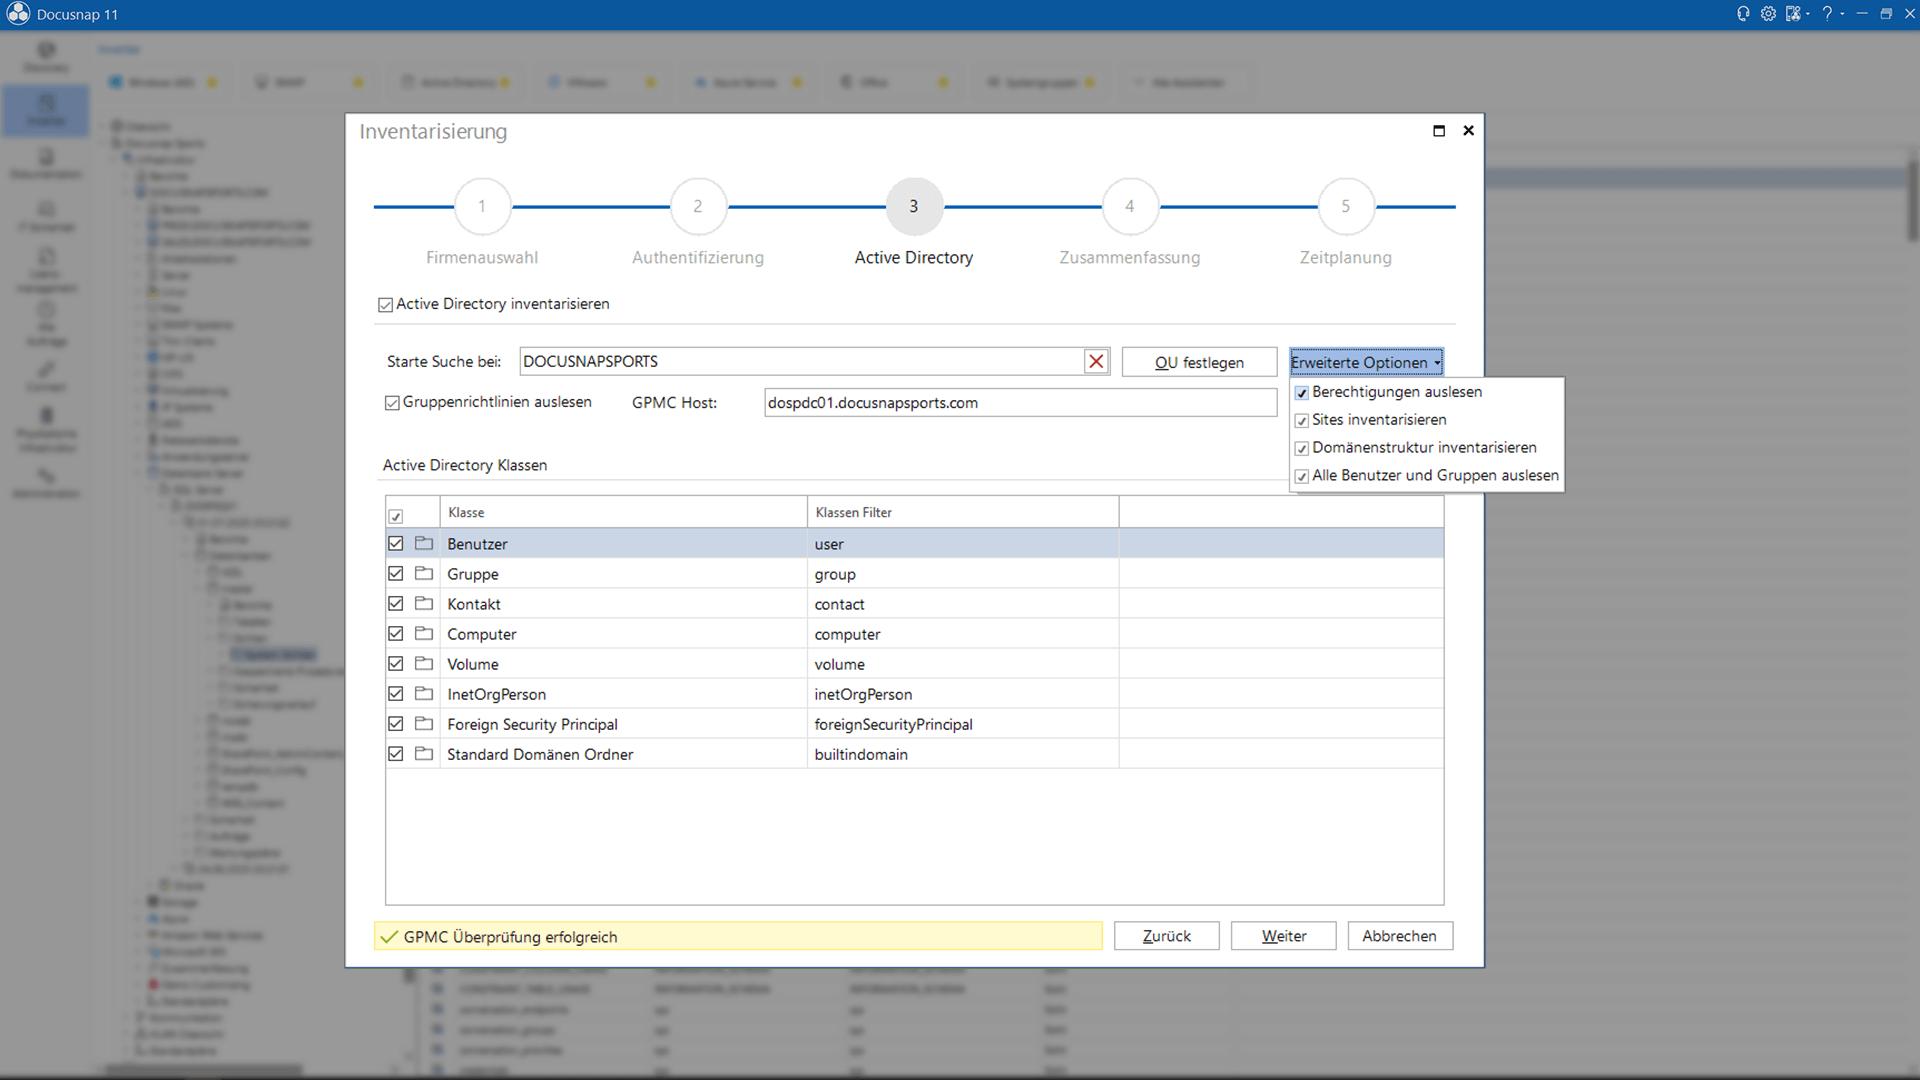 Active Directory Inventarisierung und Dokumentation